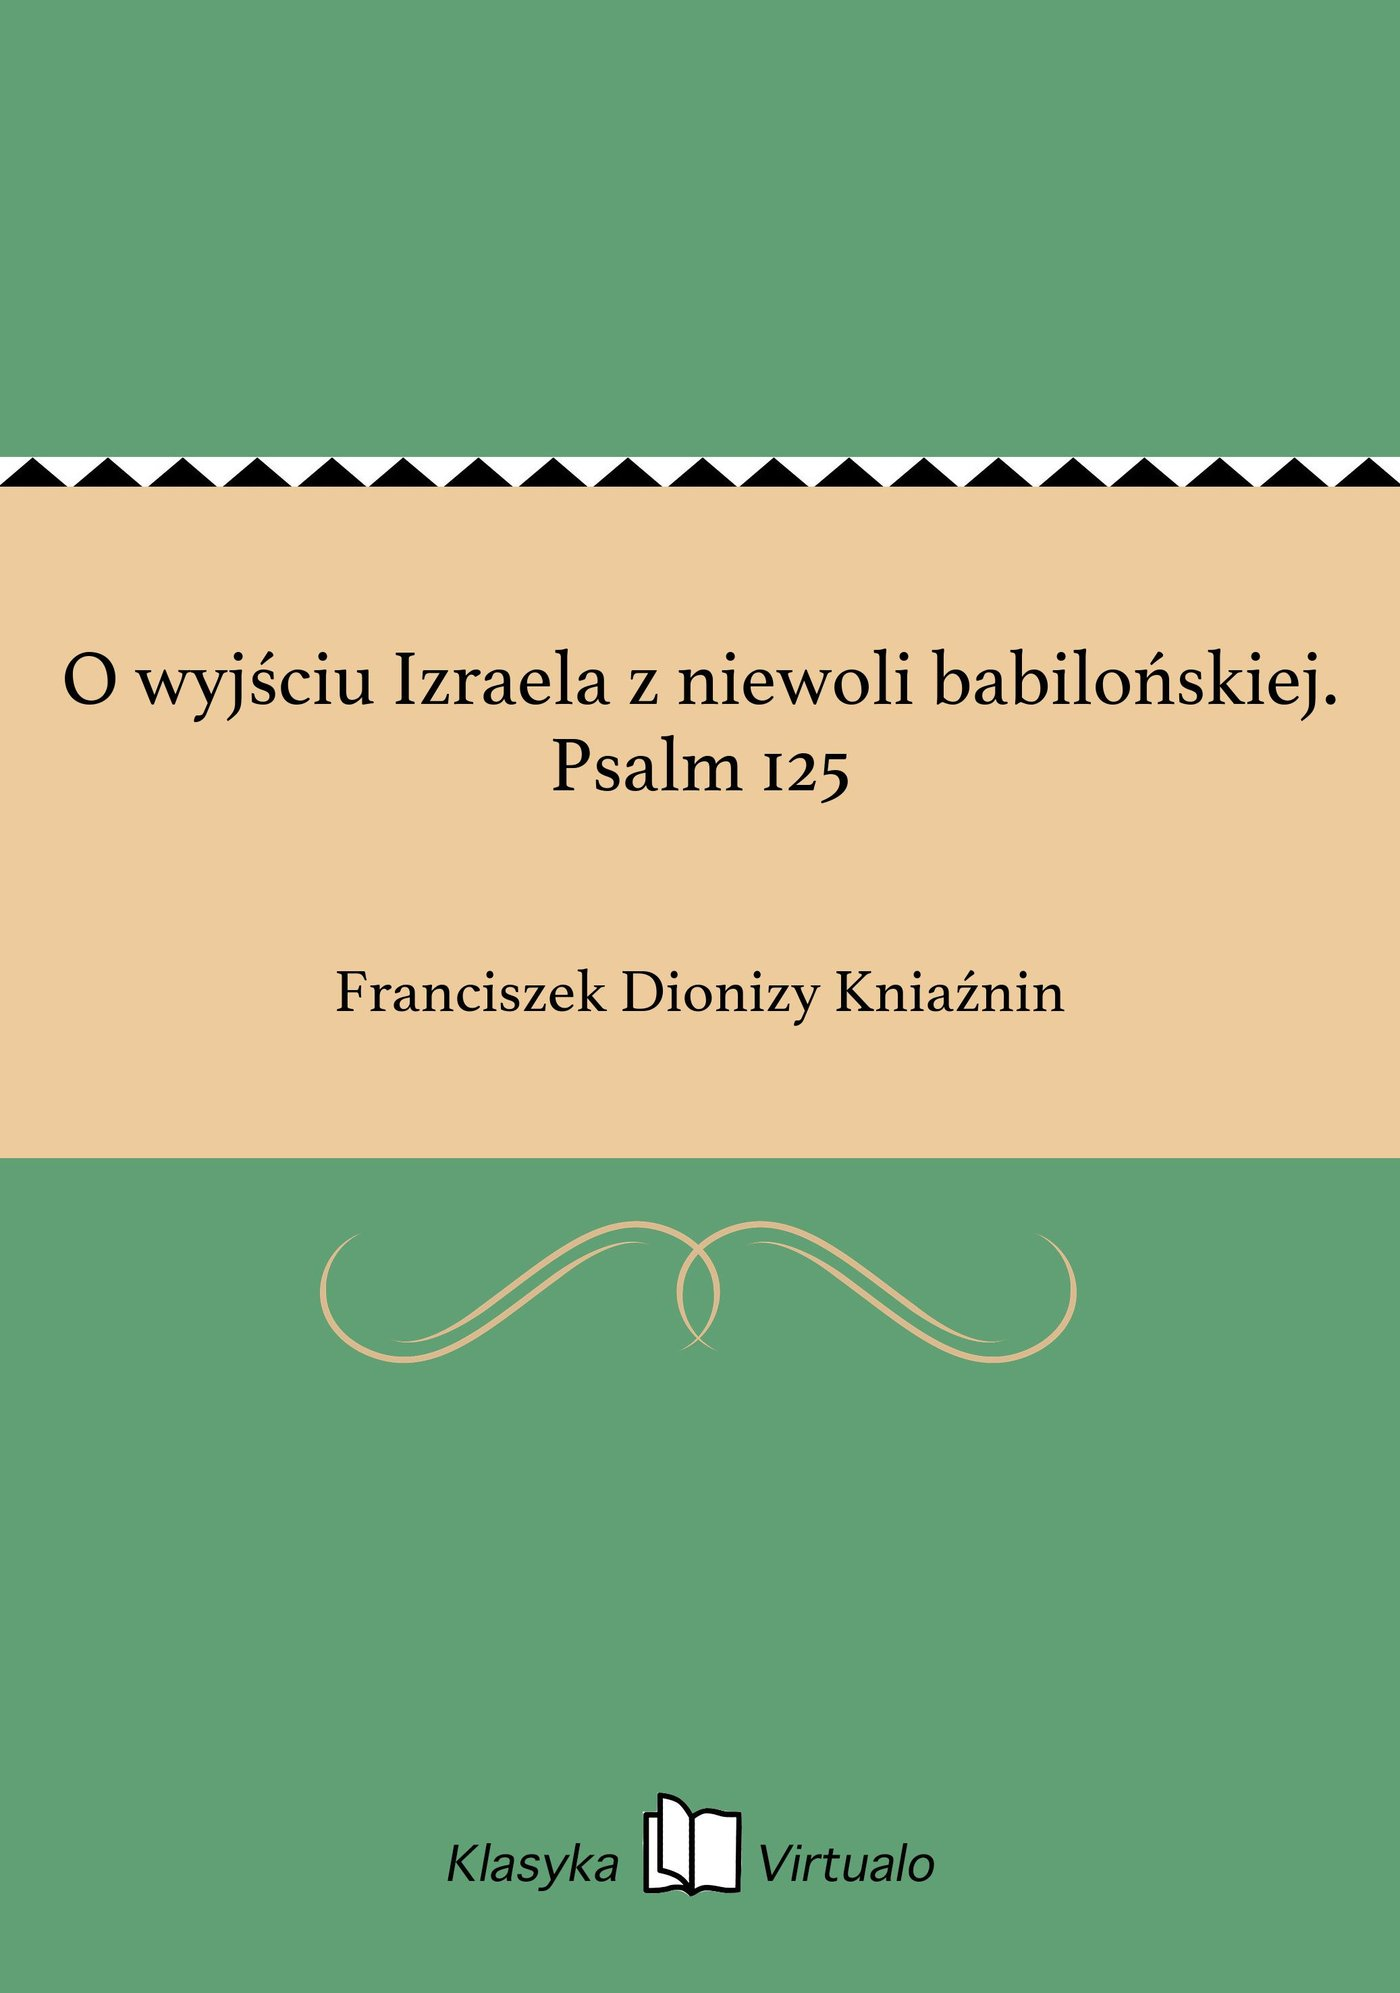 O wyjściu Izraela z niewoli babilońskiej. Psalm 125 - Ebook (Książka EPUB) do pobrania w formacie EPUB